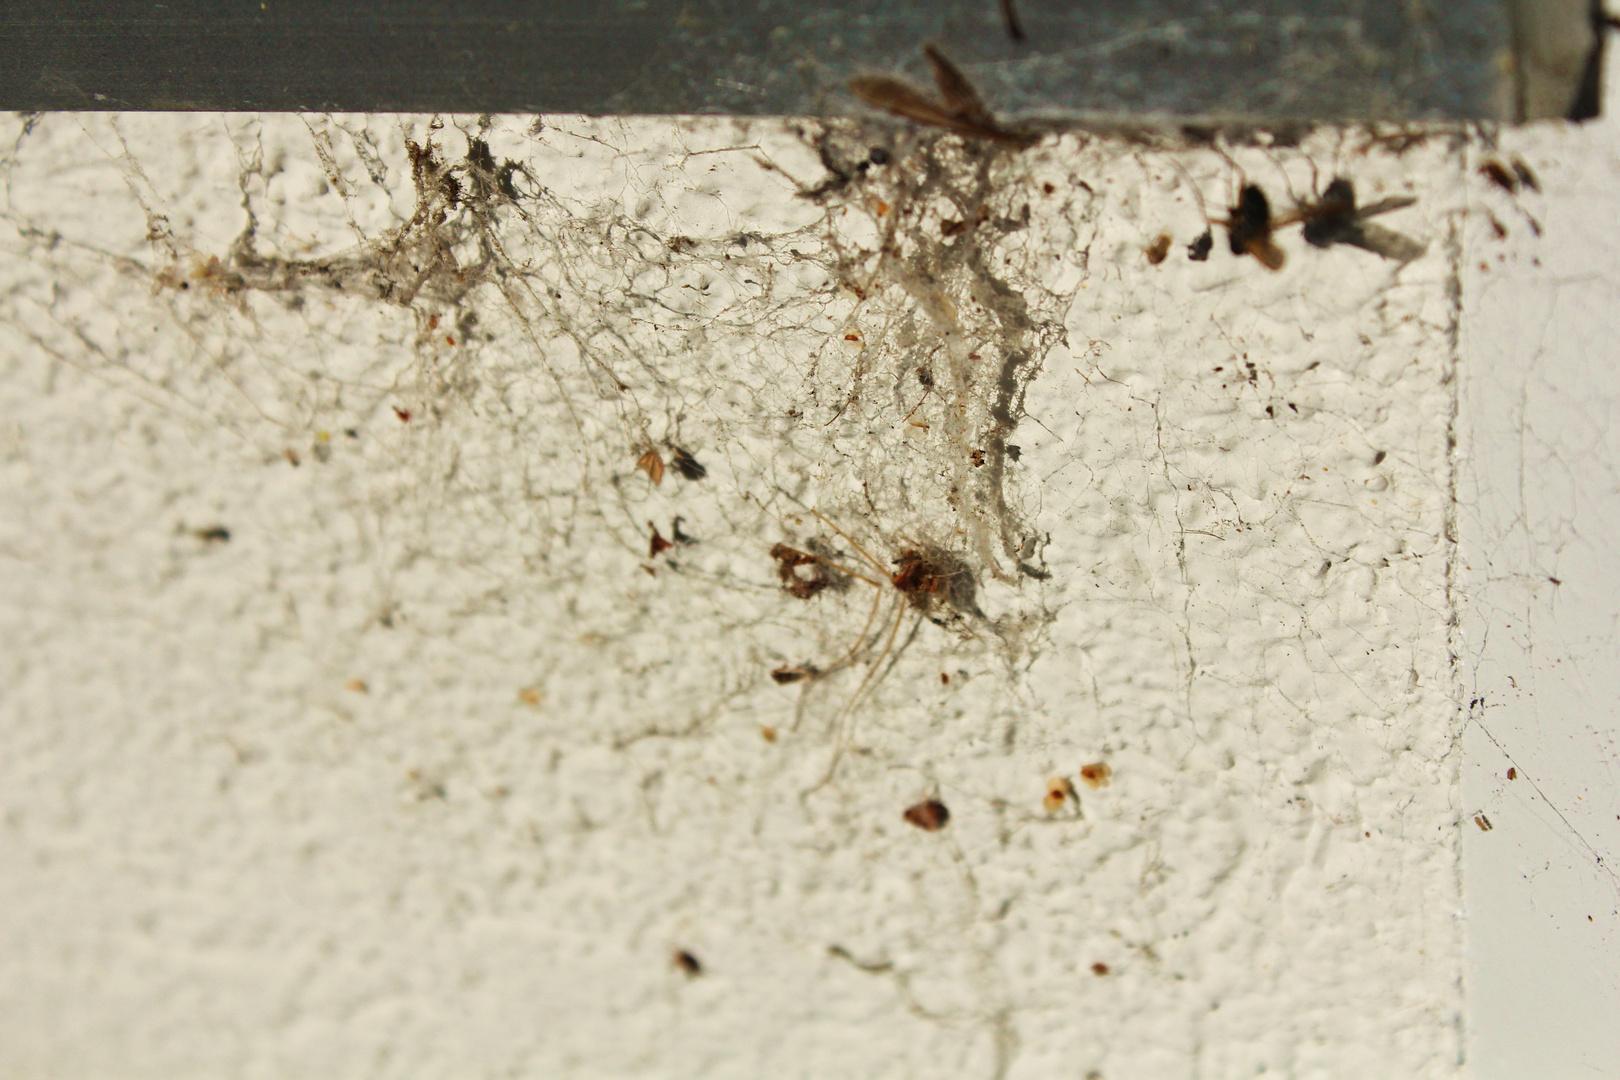 Das war mal ein Spinnennetz